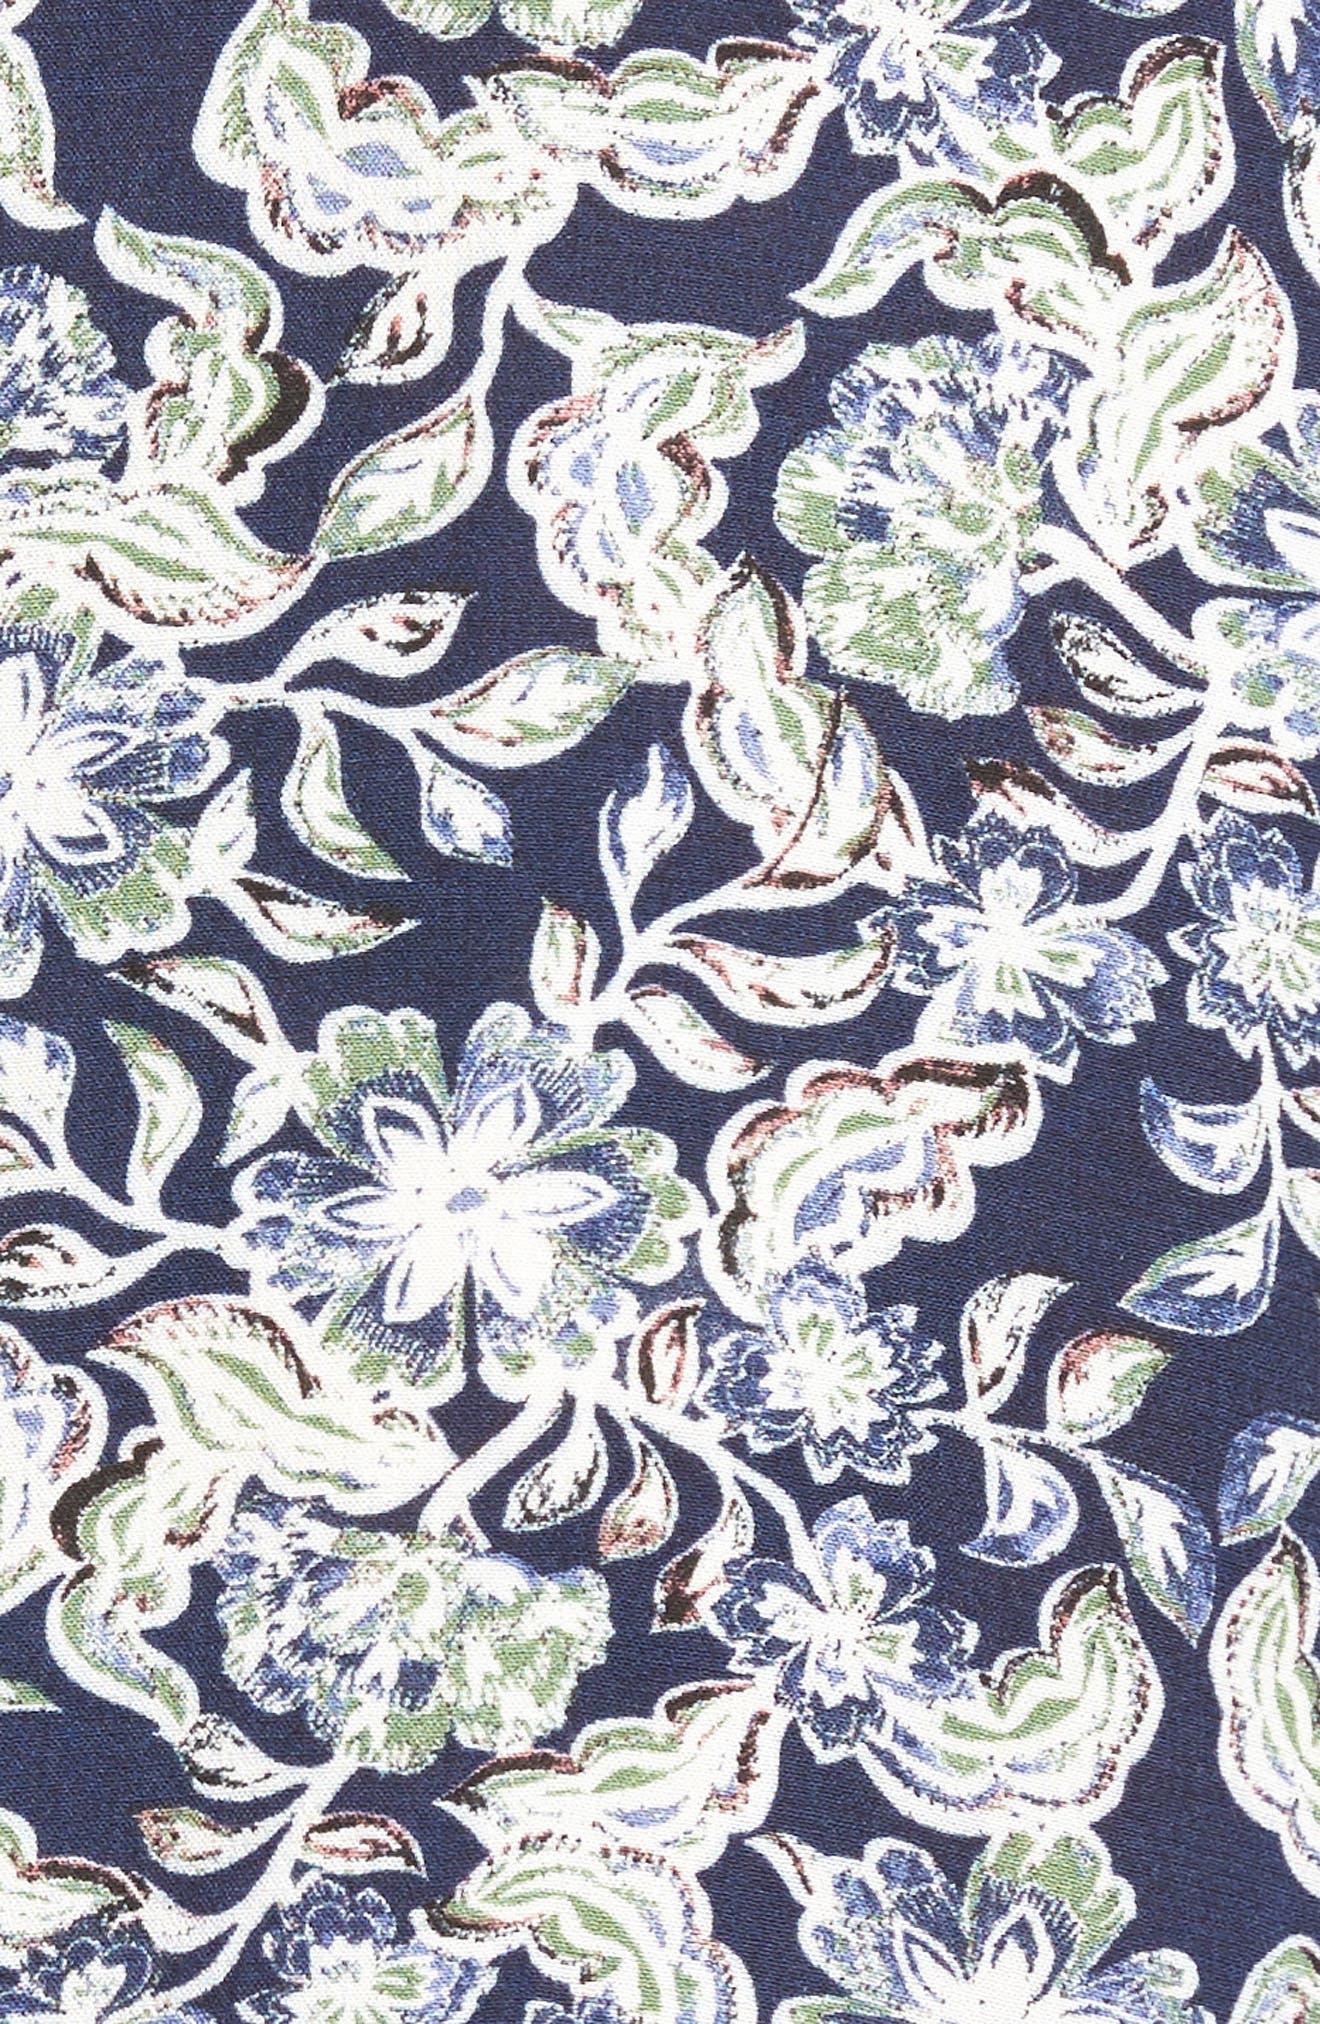 Shift Minidress,                             Alternate thumbnail 5, color,                             401